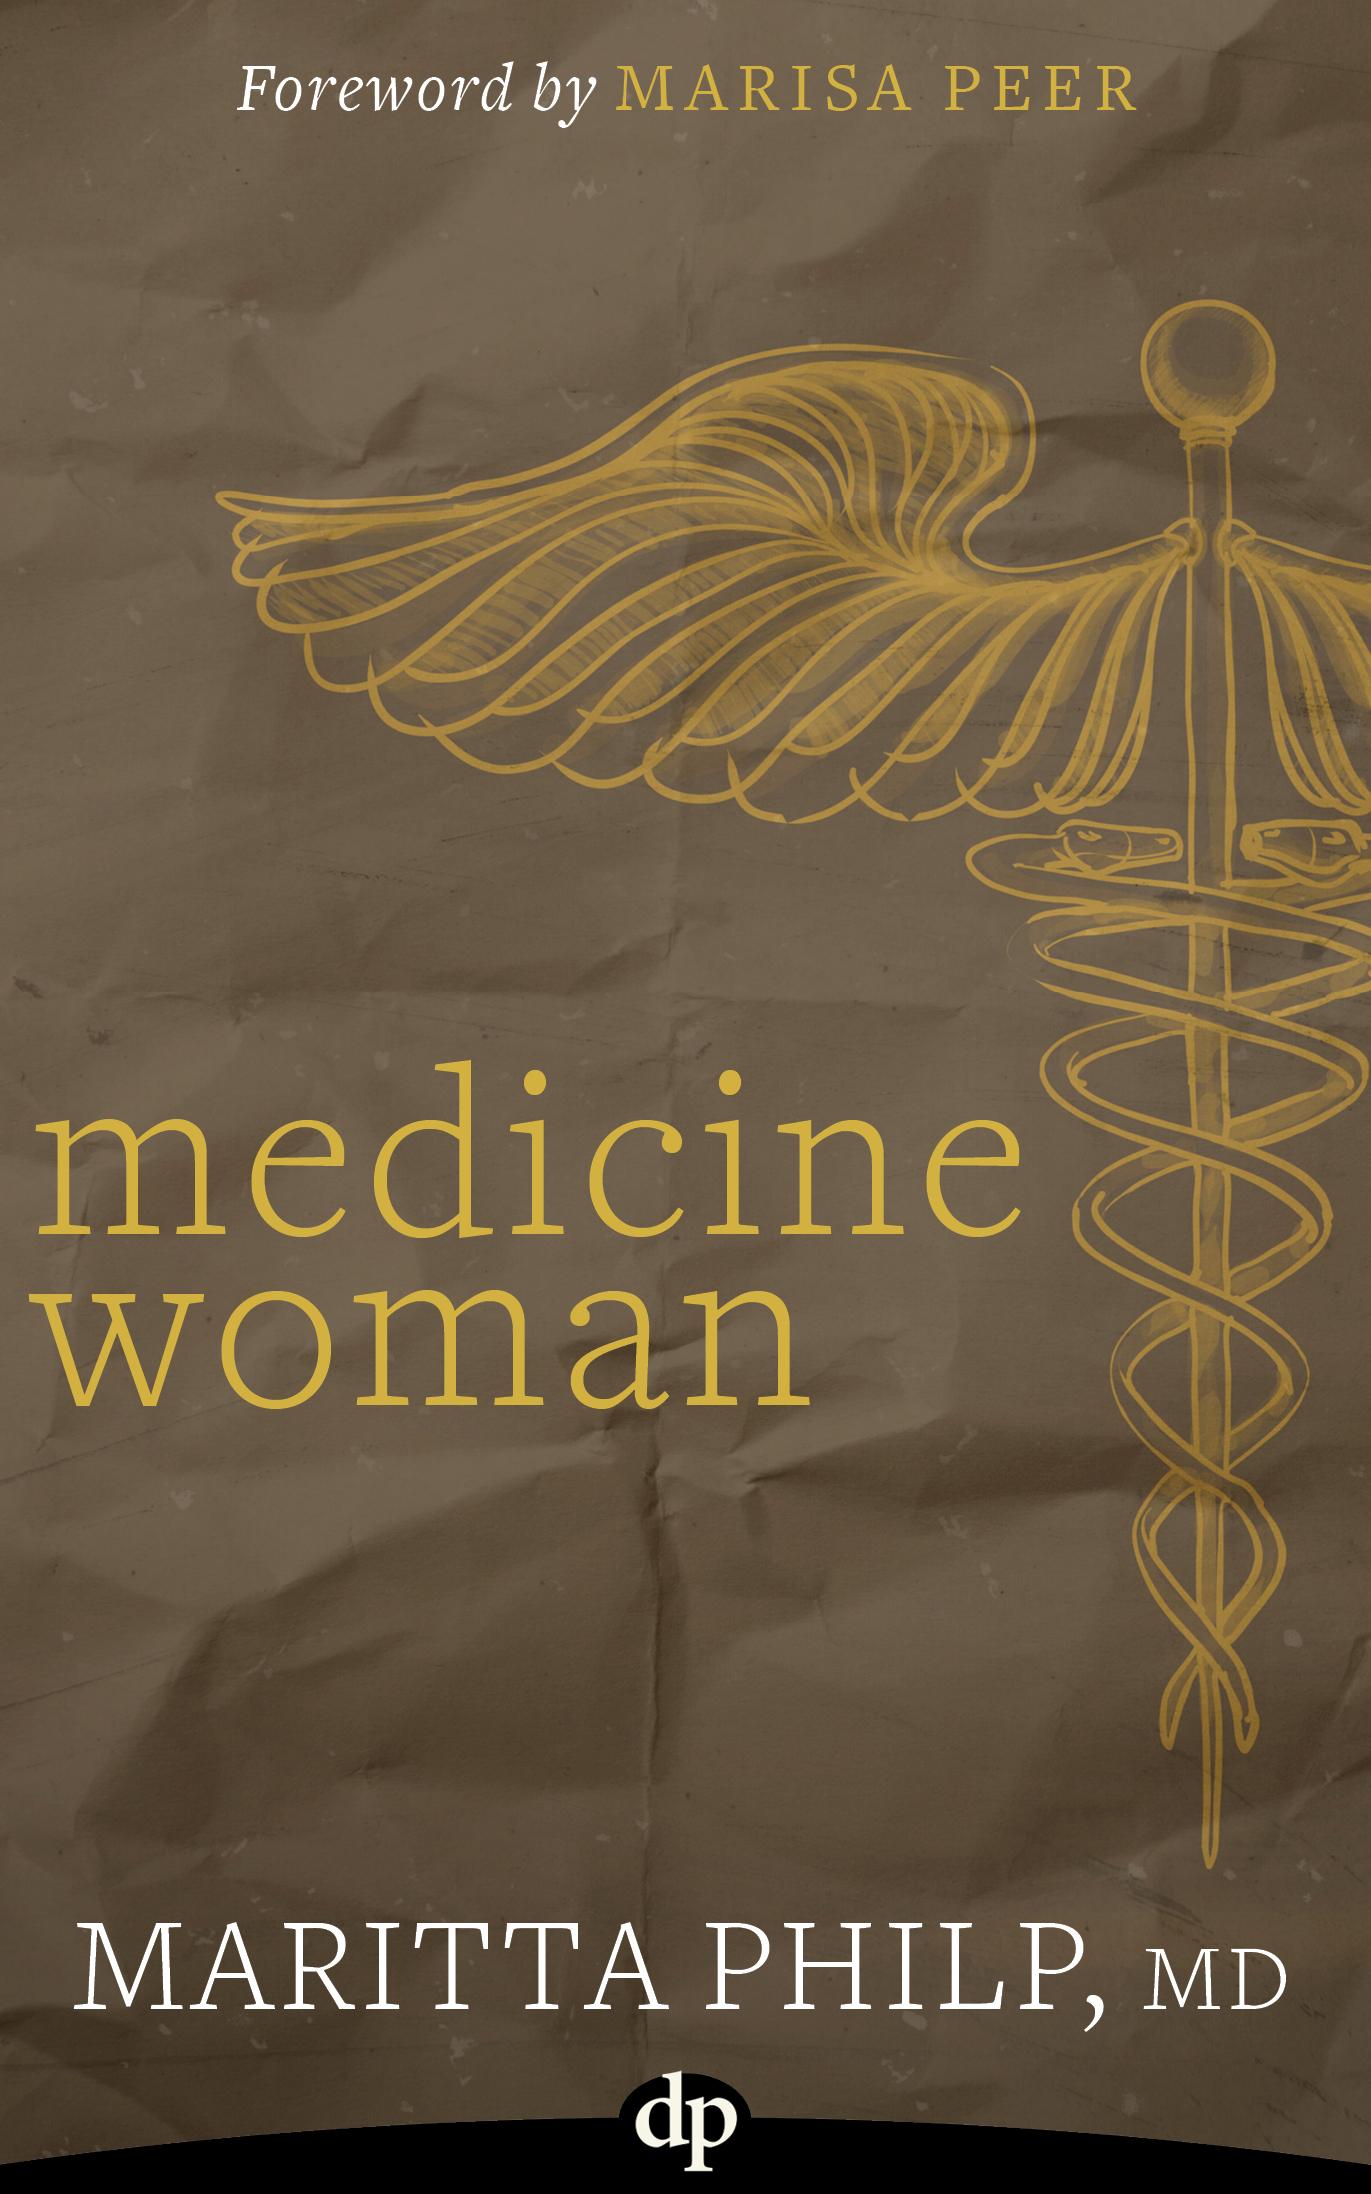 Philp_MedicineWoman_EBK_A.jpg